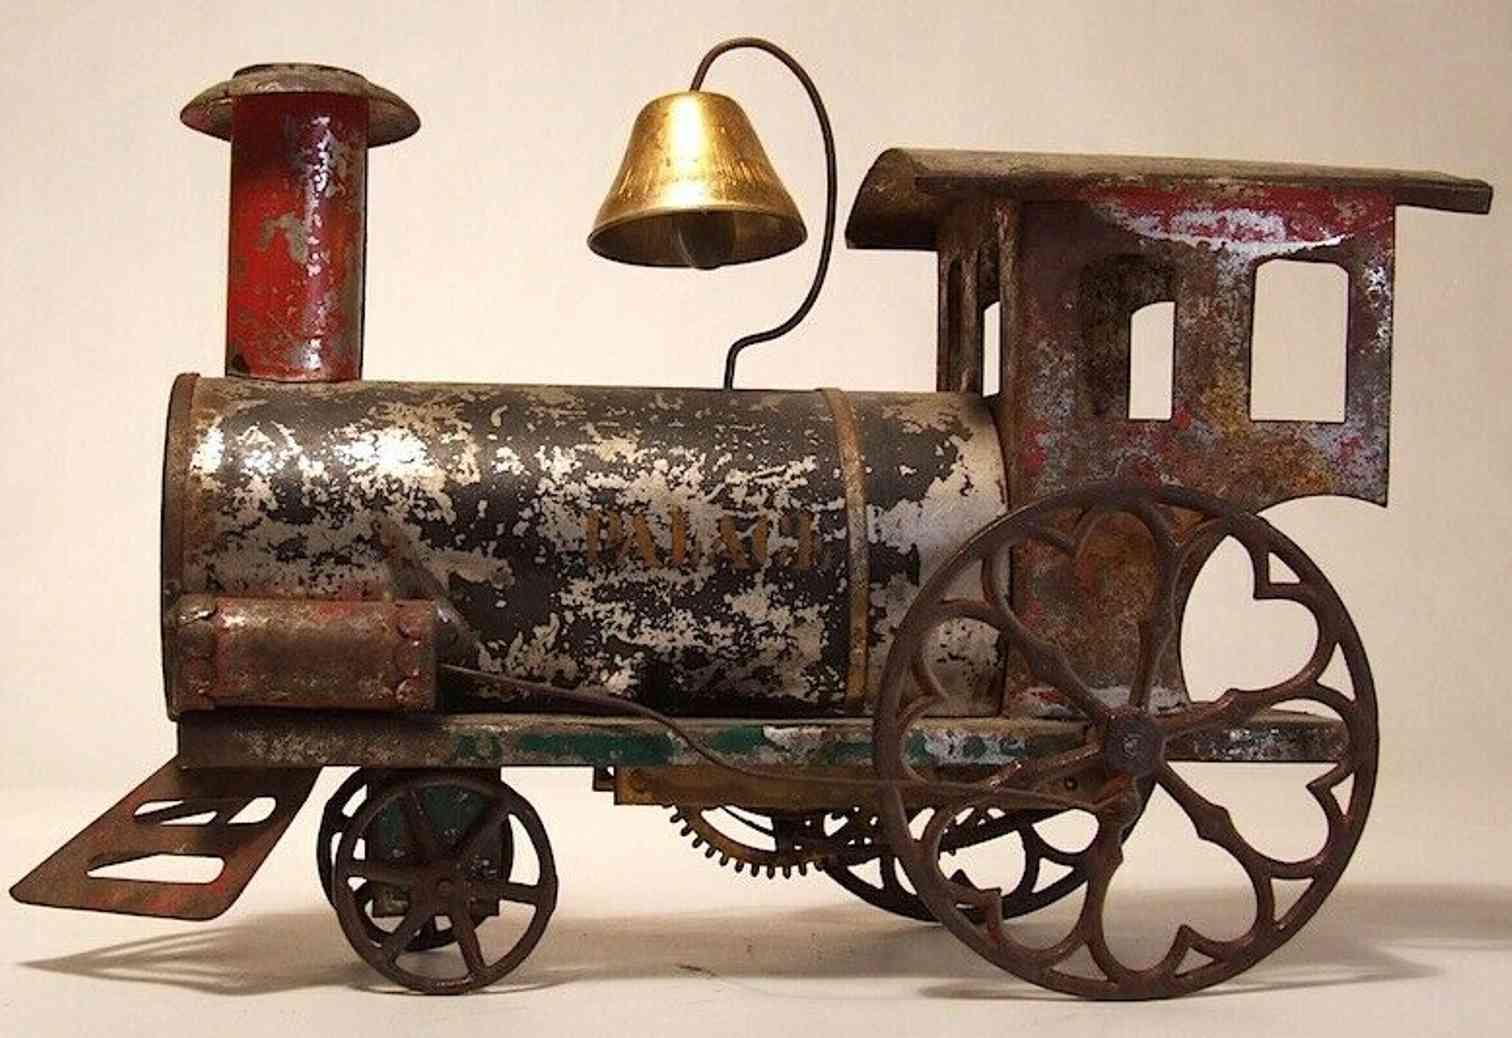 ives spielzeug eisenbahn bodenlaeufer palace uhrwerk-lokomotive rot gruen schwarz